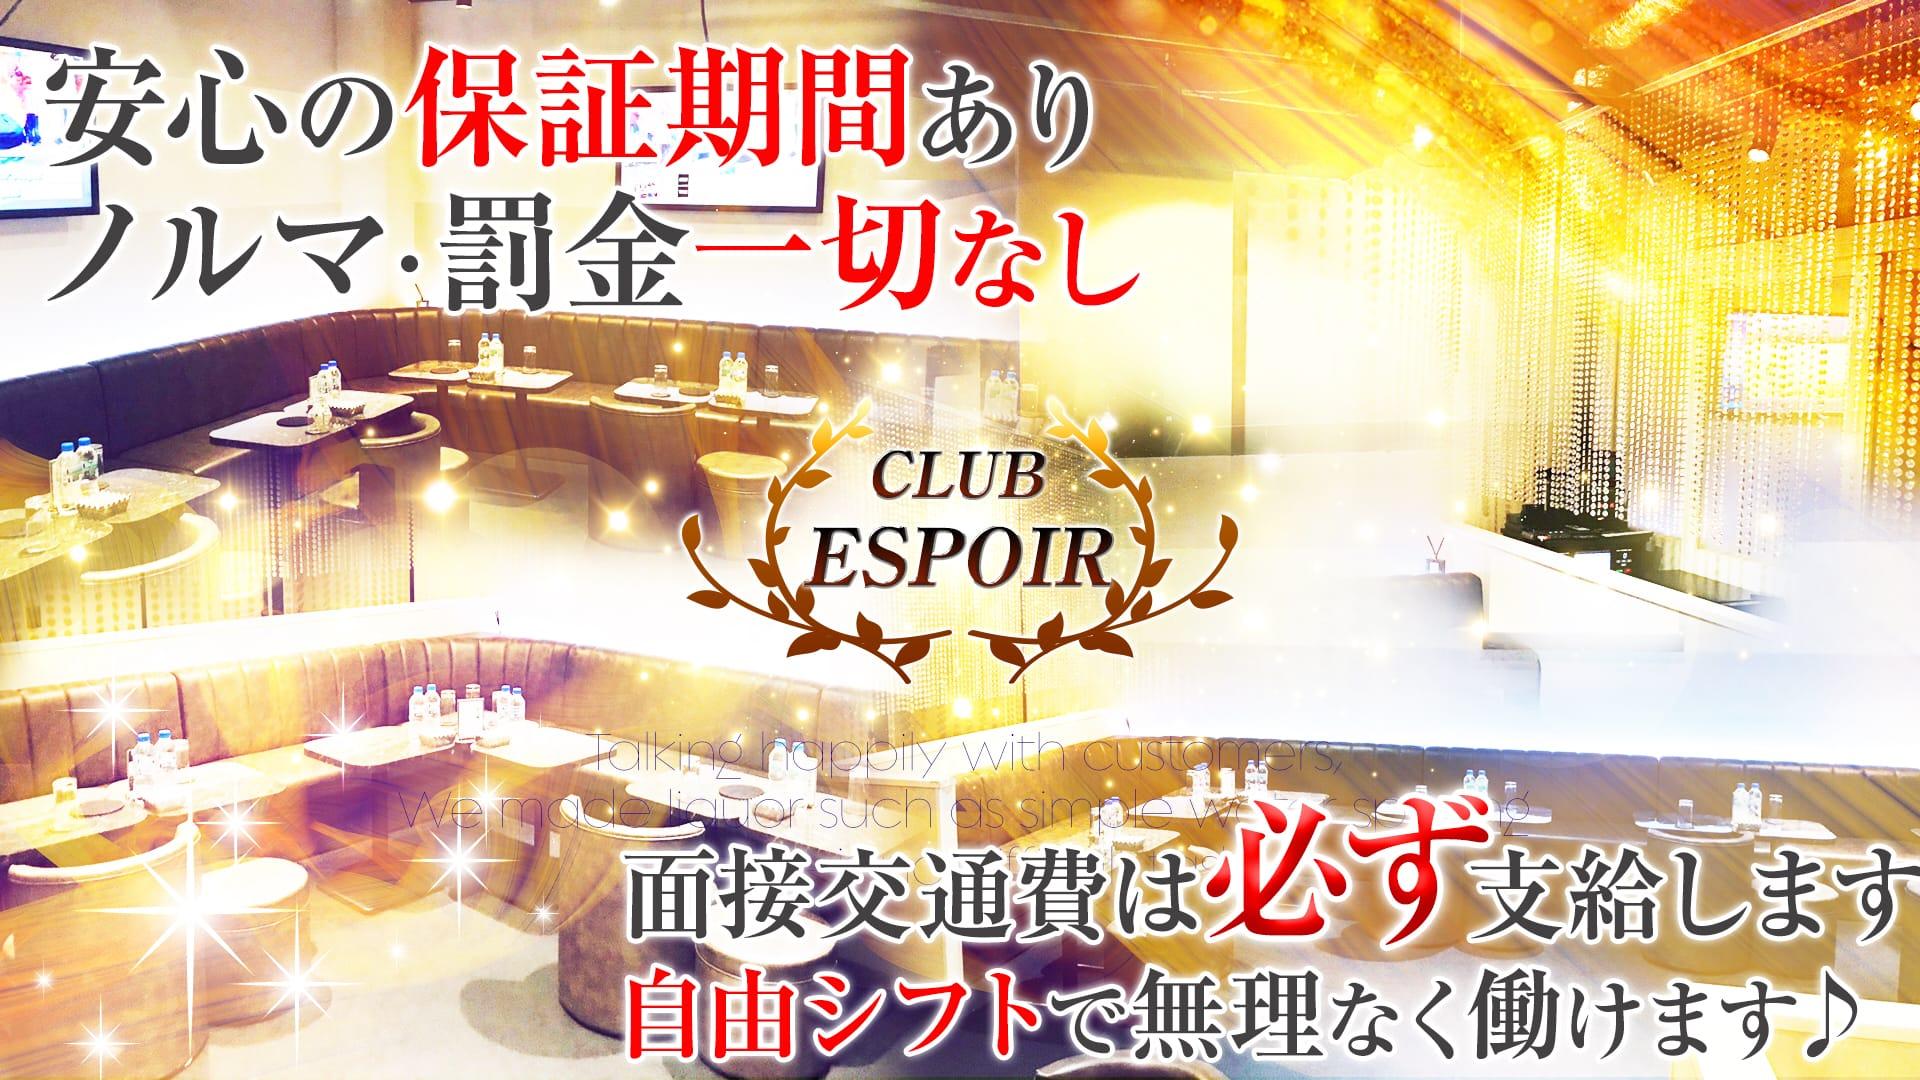 CLUB ESPOIR (エスポワール) 神田キャバクラ TOP画像